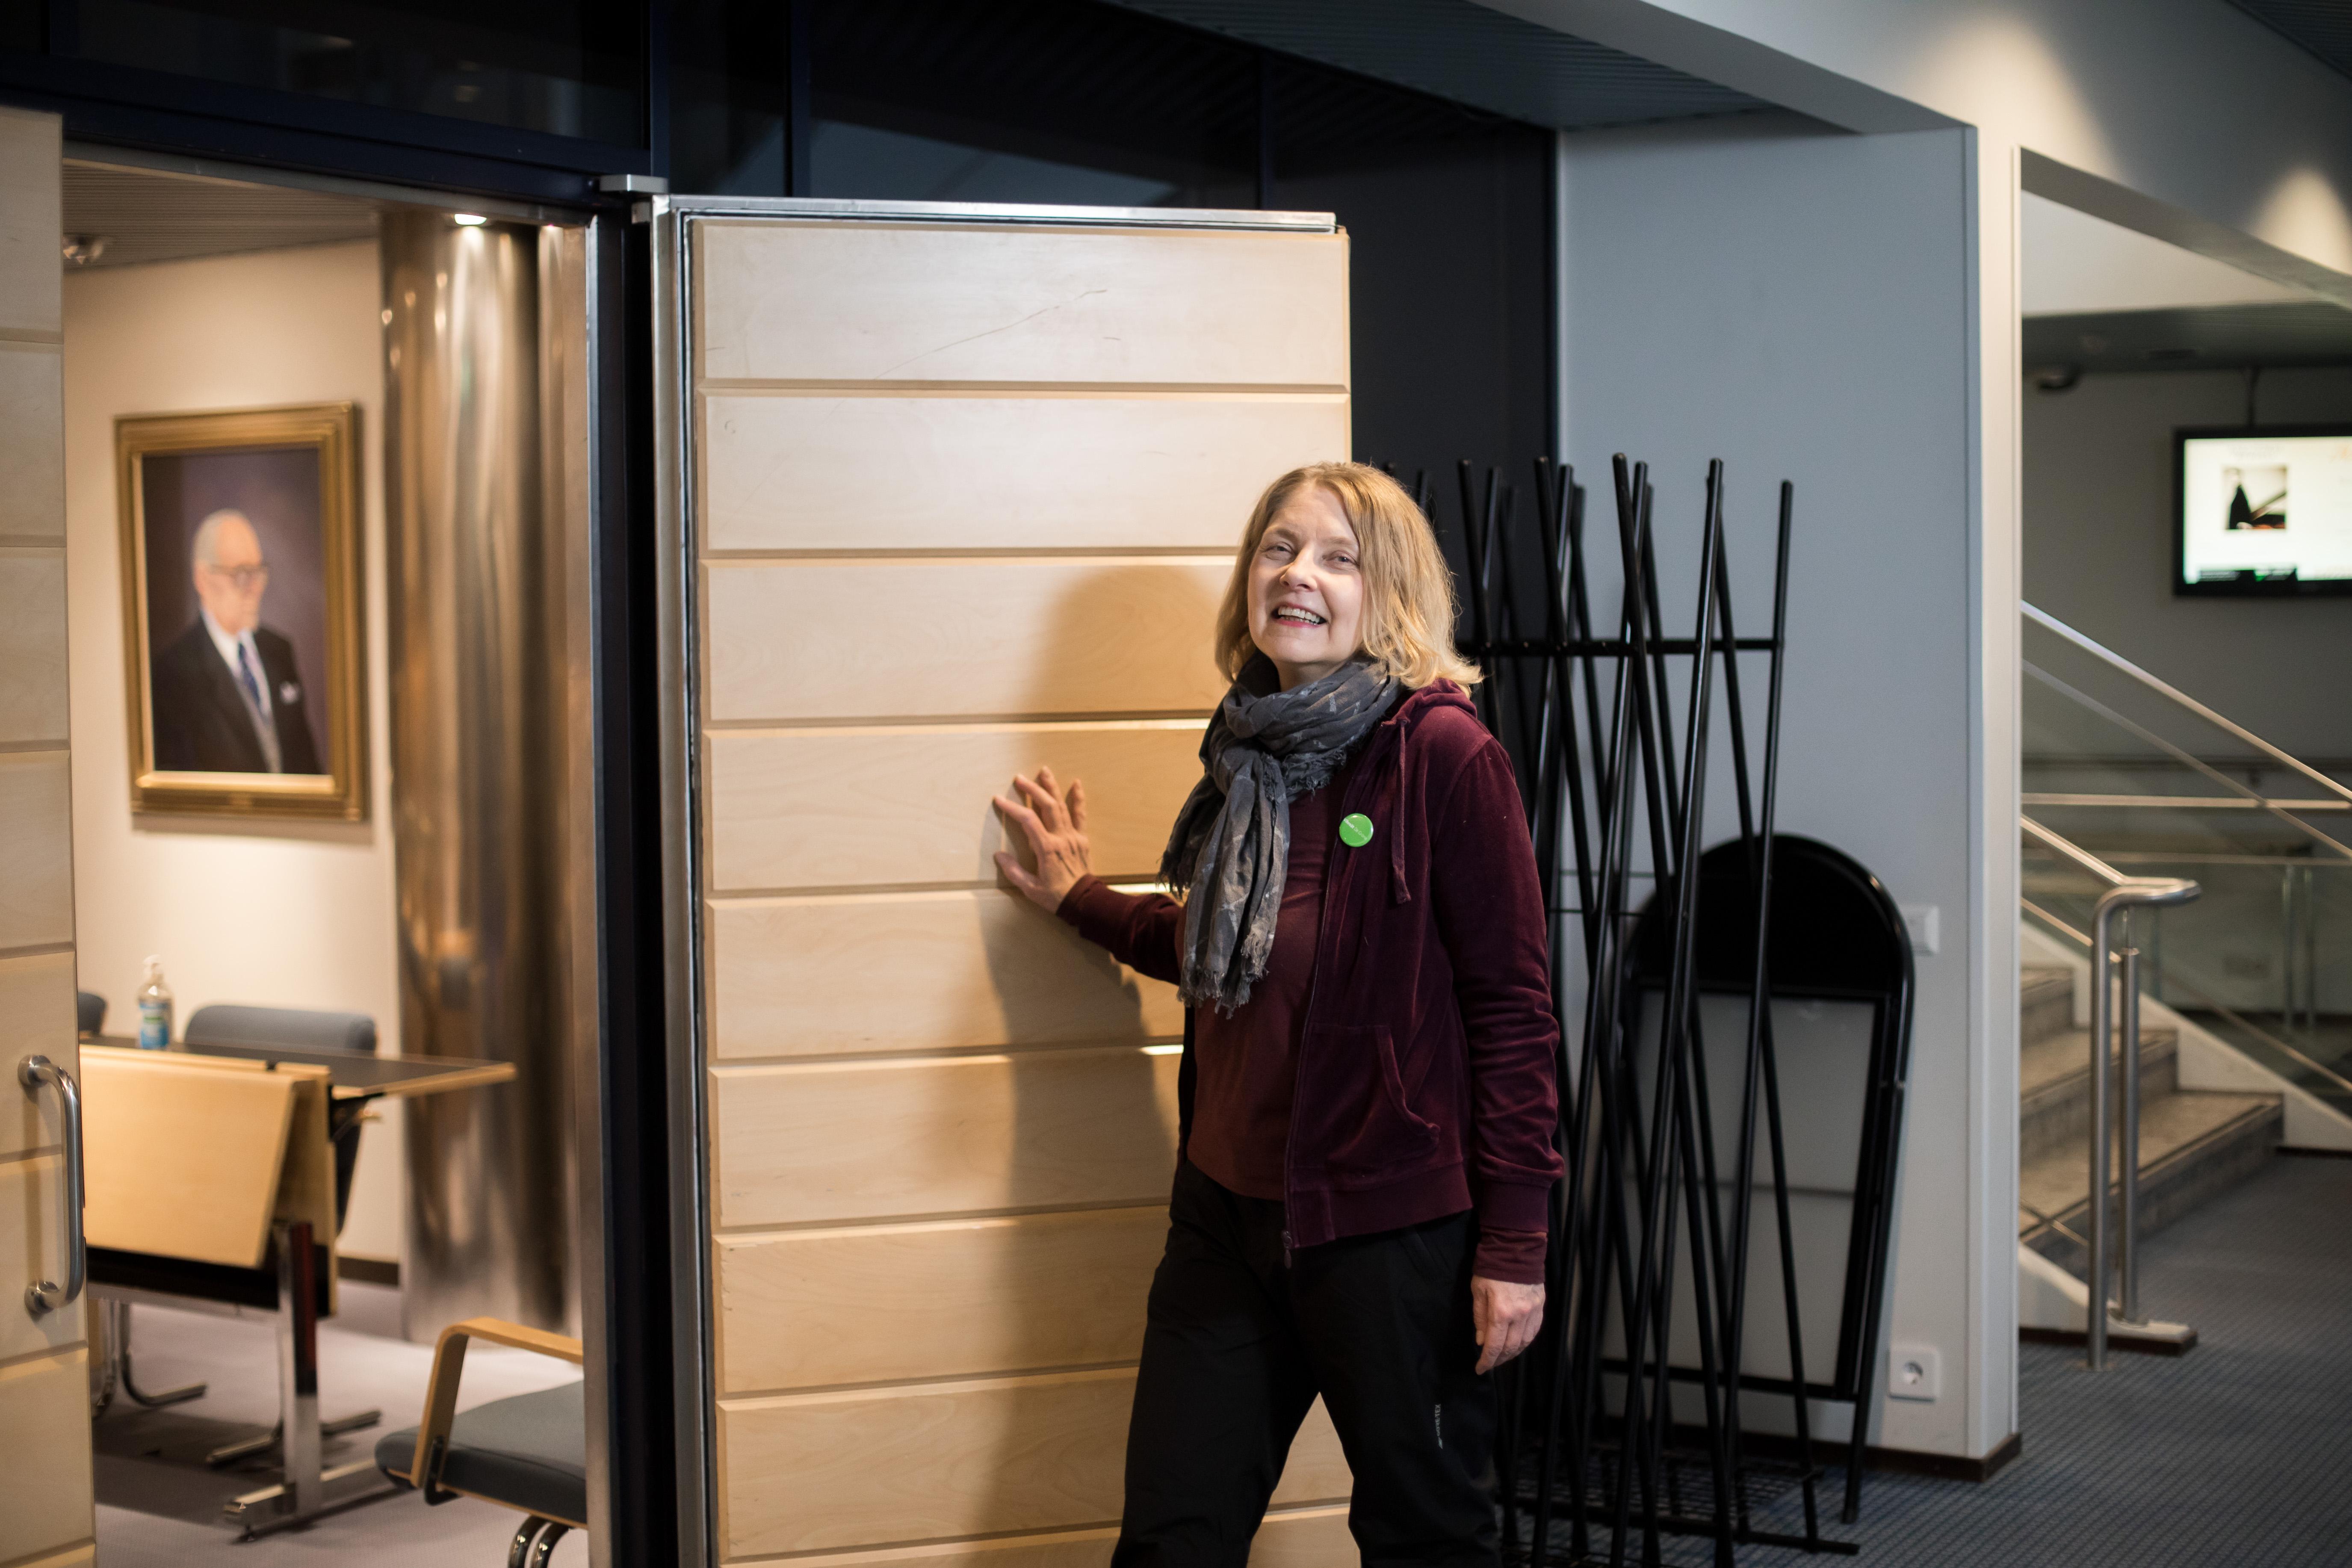 Leena Lipiäinen-Medjeral on valtuutettuna Lappeenrannassa. Hänet kuvattiin kokousympäristössä Lappeenrannan kaupungintalolla.Kuva: Arttu Muukkonen